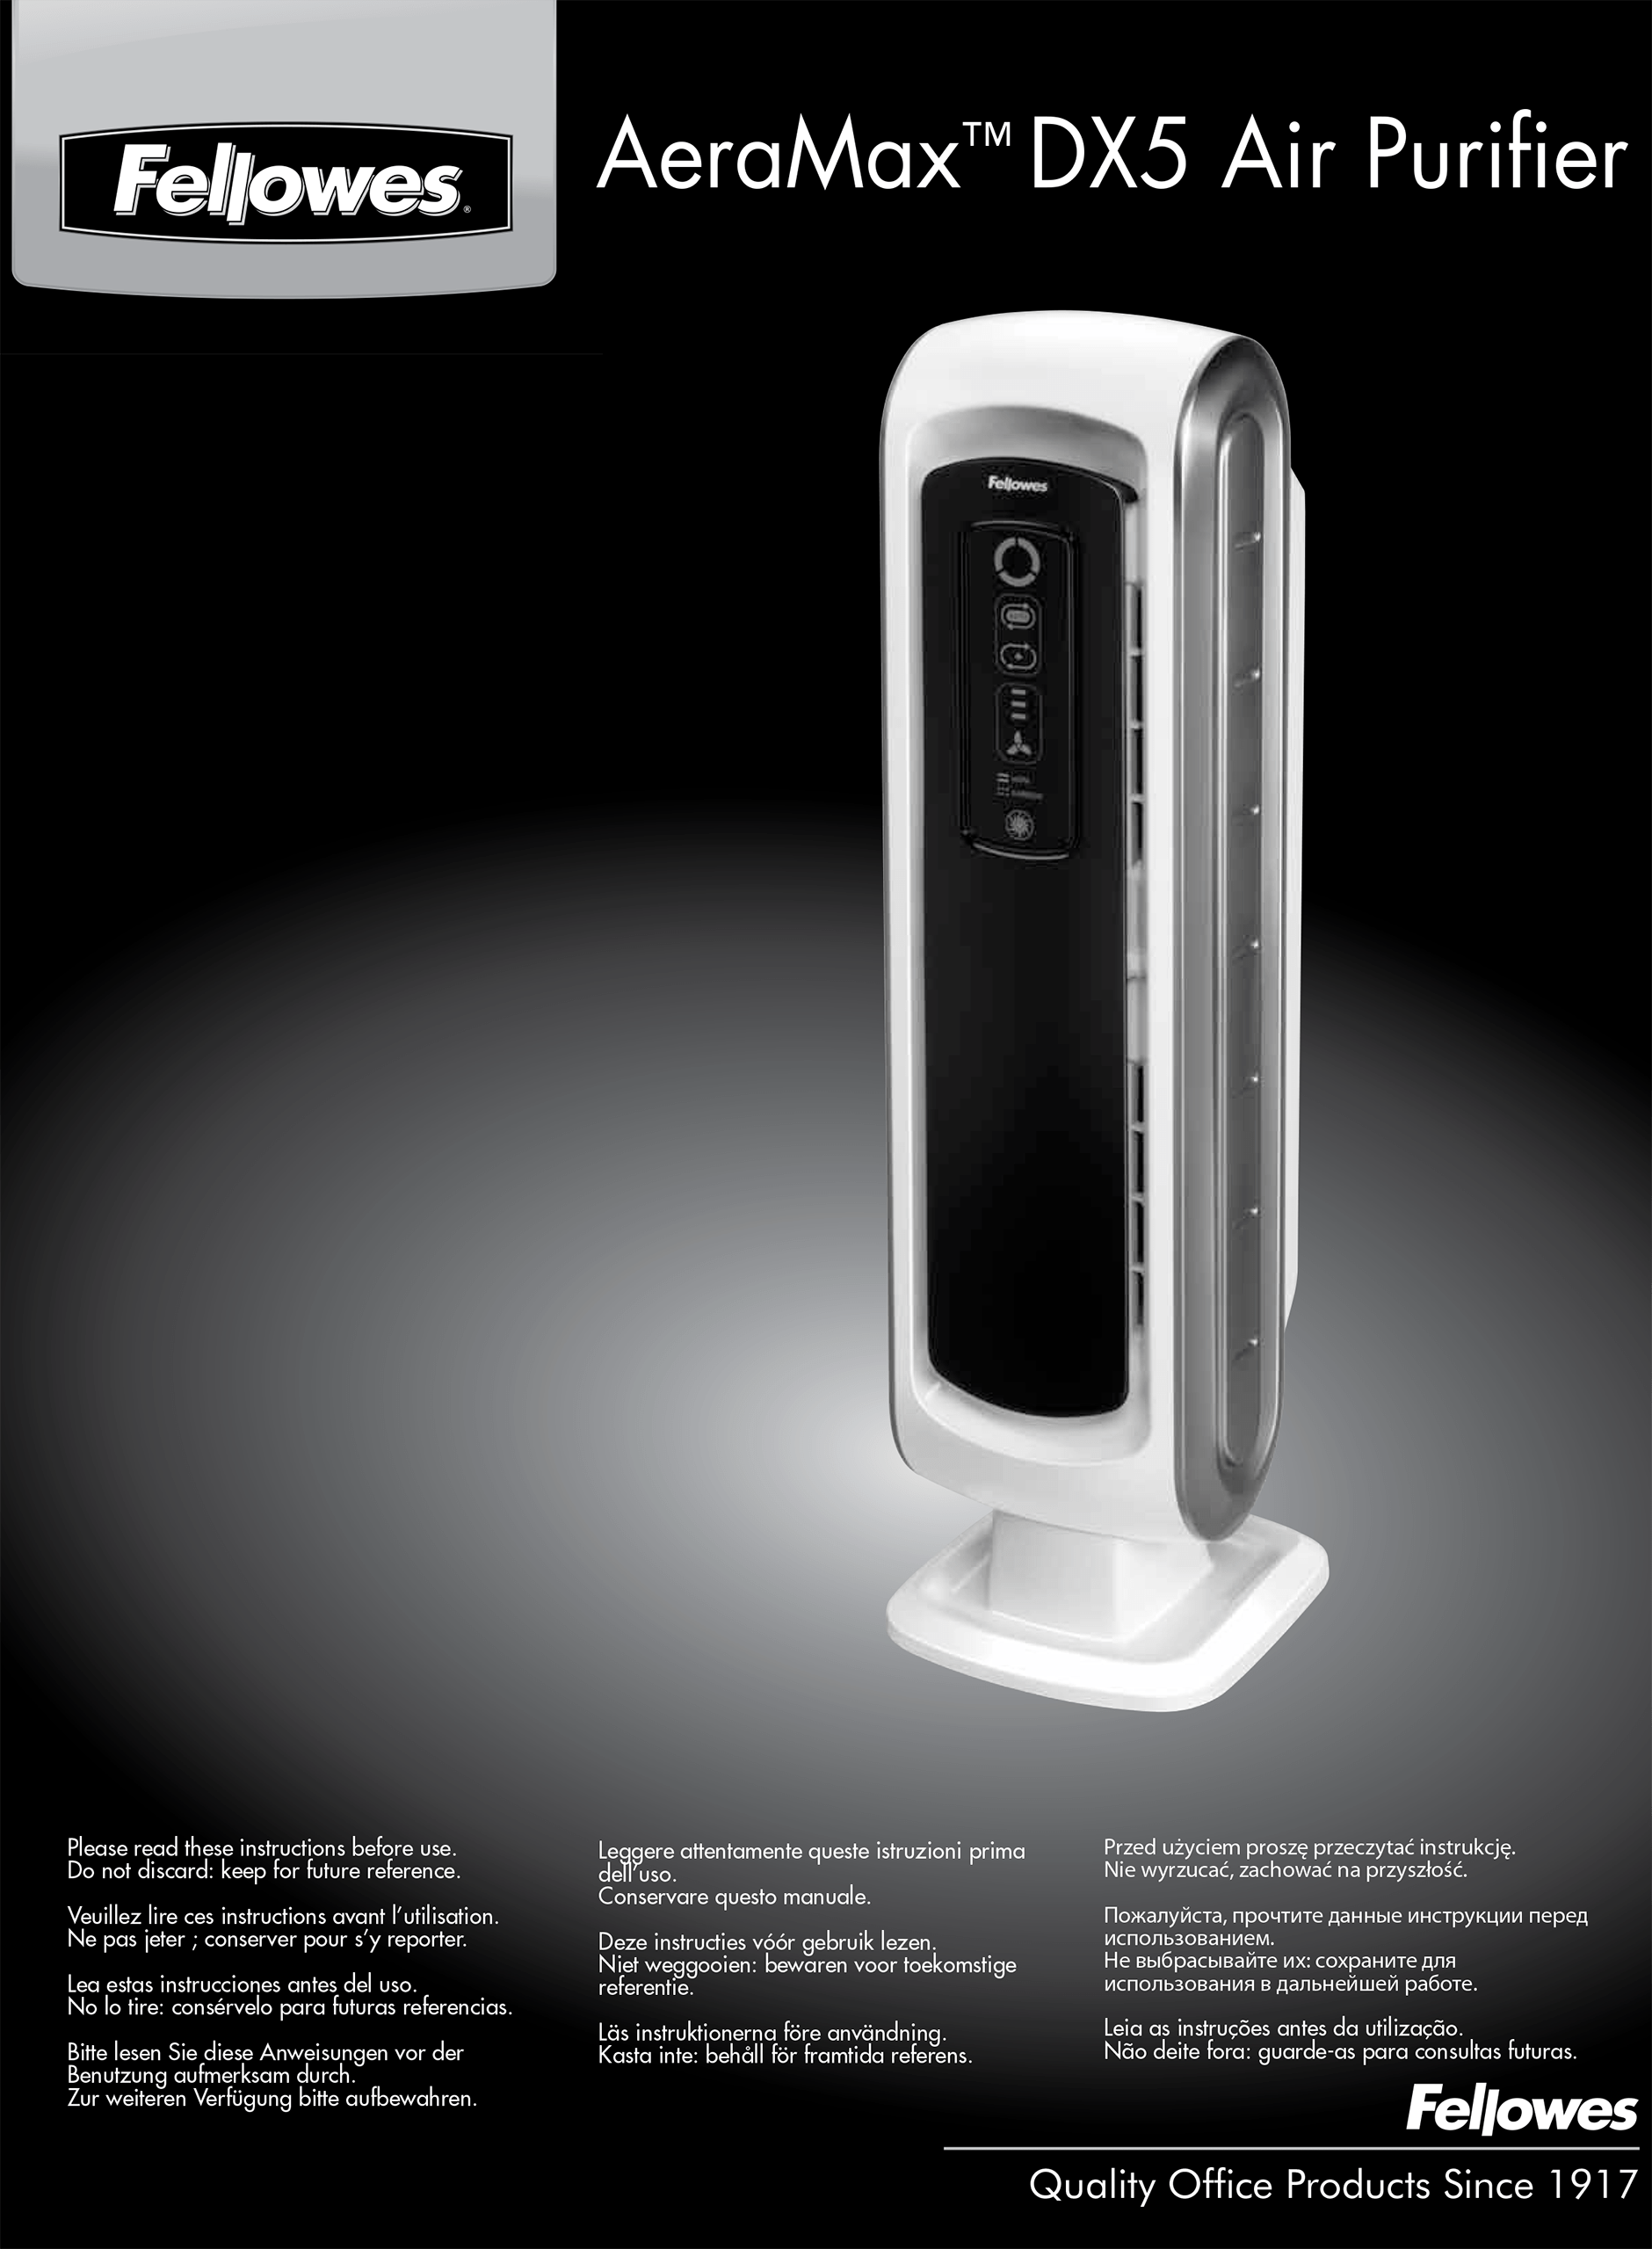 Purificador de aire AeraMax DX5 Fellowes. COVID-19. Virus H1N1. Alergias, anteponen, filtros HEPA, pequeño y portátil.